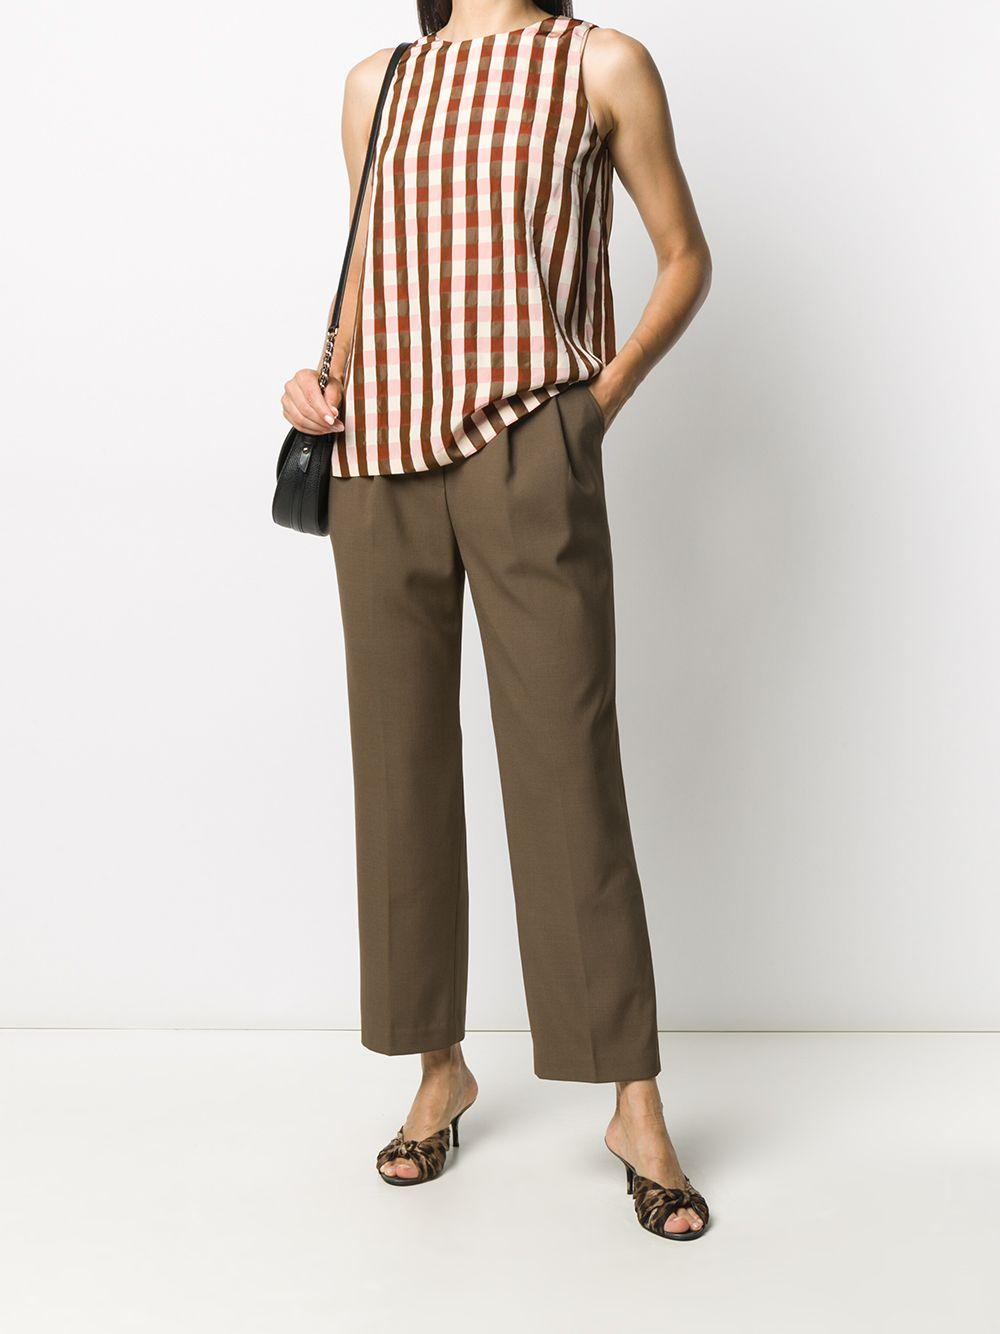 Blusa senza maniche a righe marrone, rosa e beige ALBERTO BIANI | Camicie | MM826-VI201861